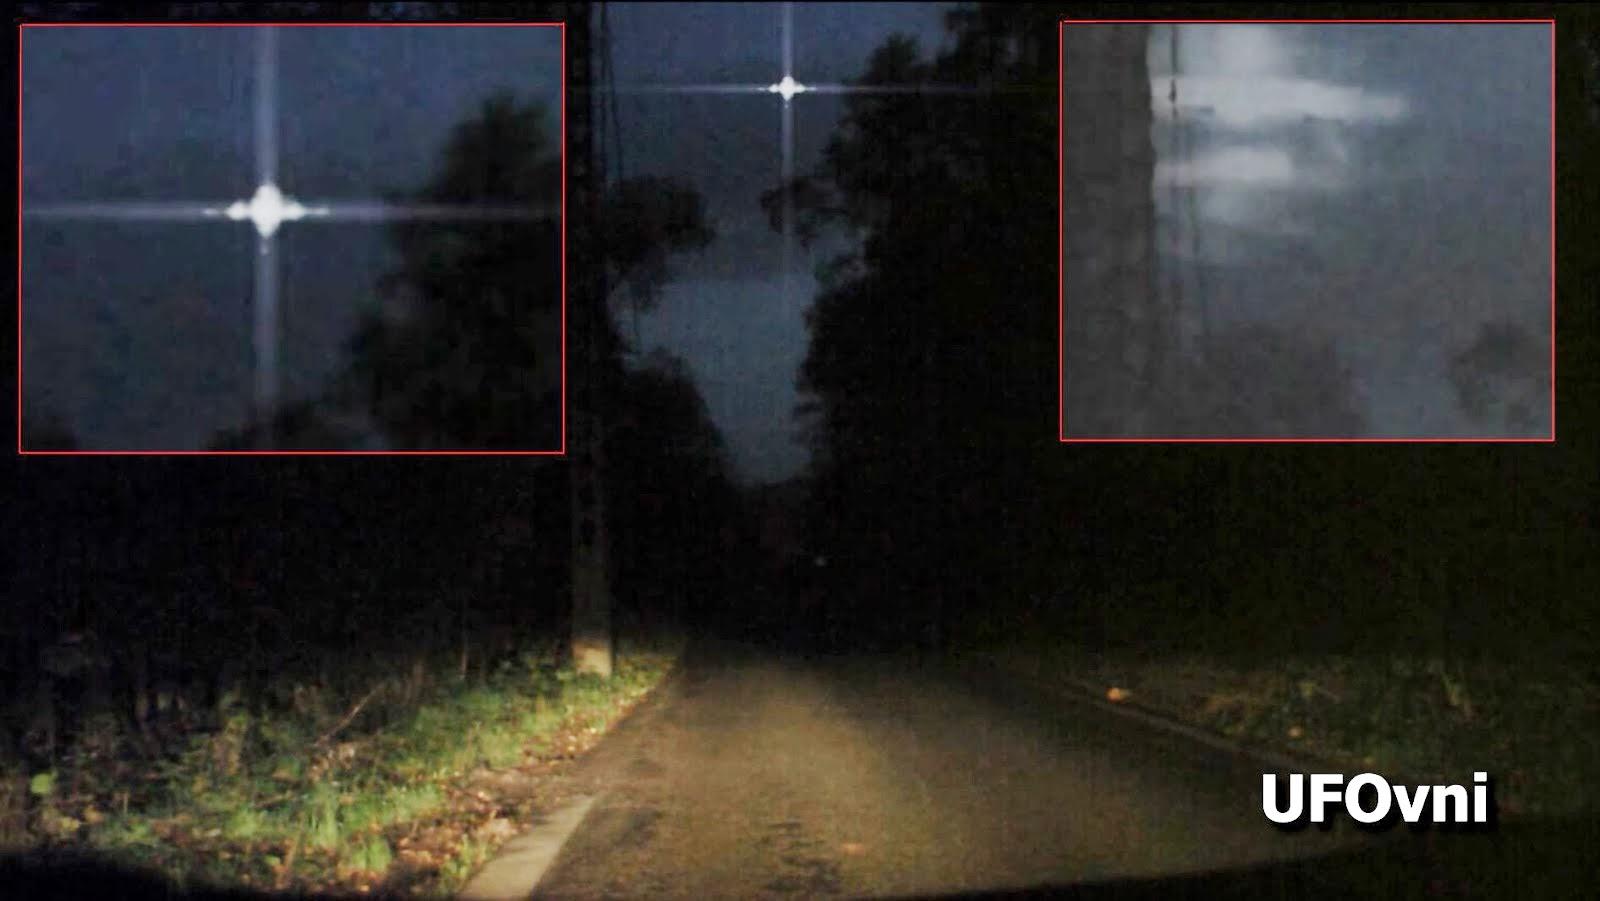 Japon: Phénomène étrange OVNI au-dessus de Tamura, Fukushima, le 7 décembre 2013